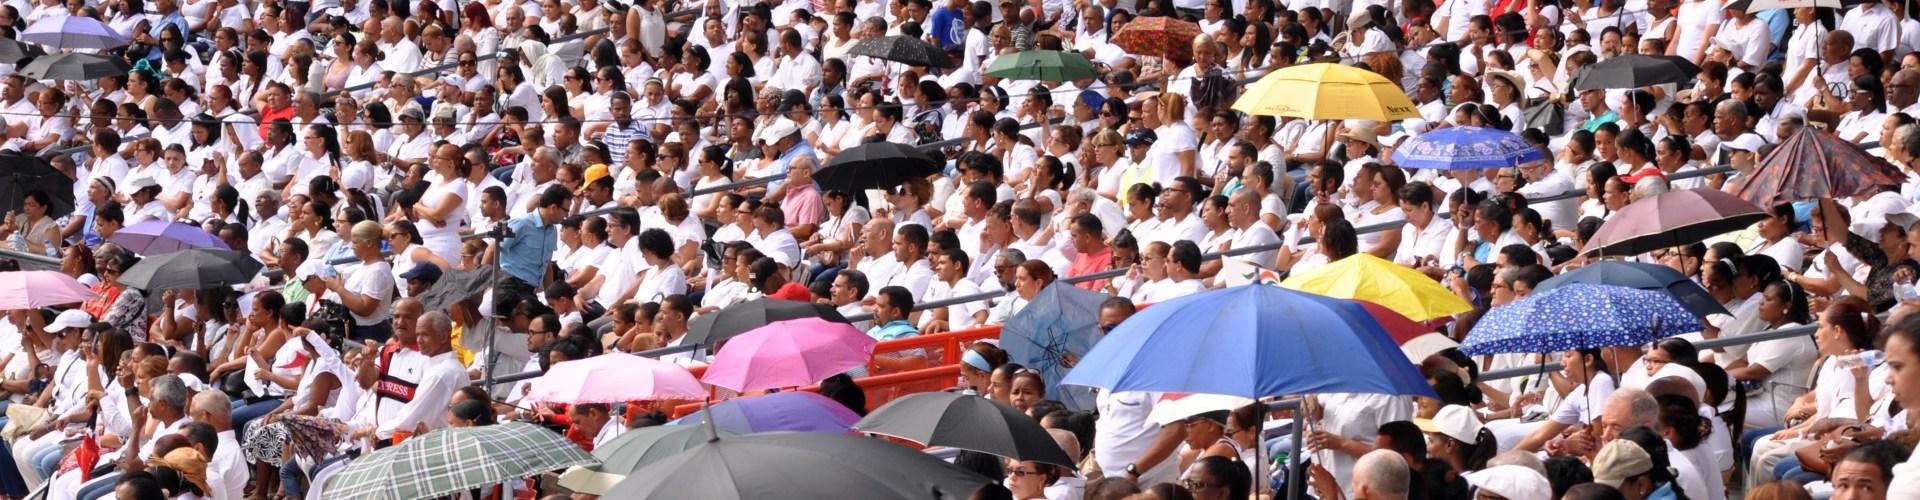 Miles asisten a misa de Corpus Christi